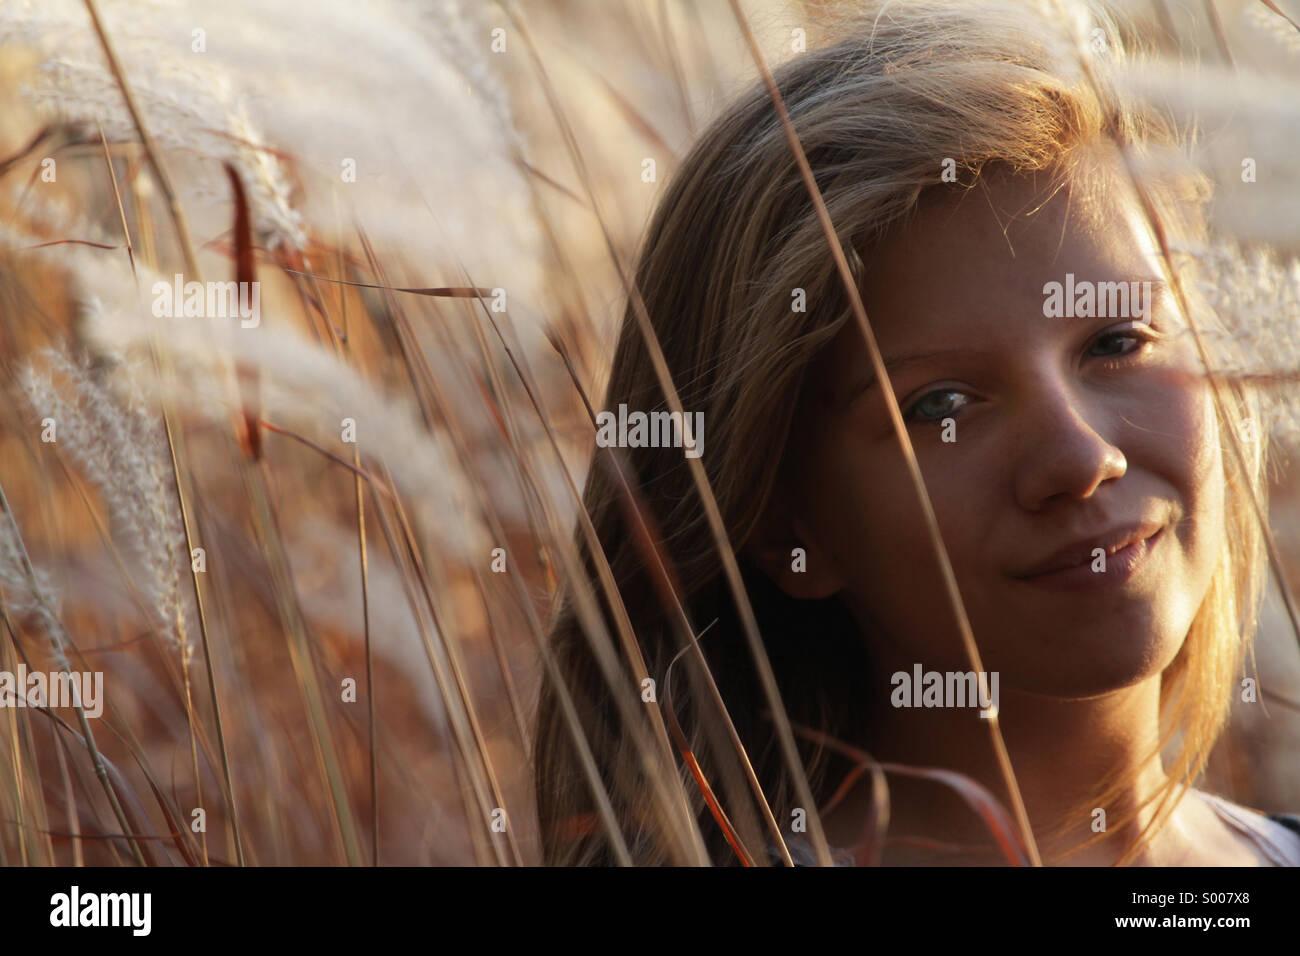 Eine junge Frau geht durch Herbst Gräser. Stockbild